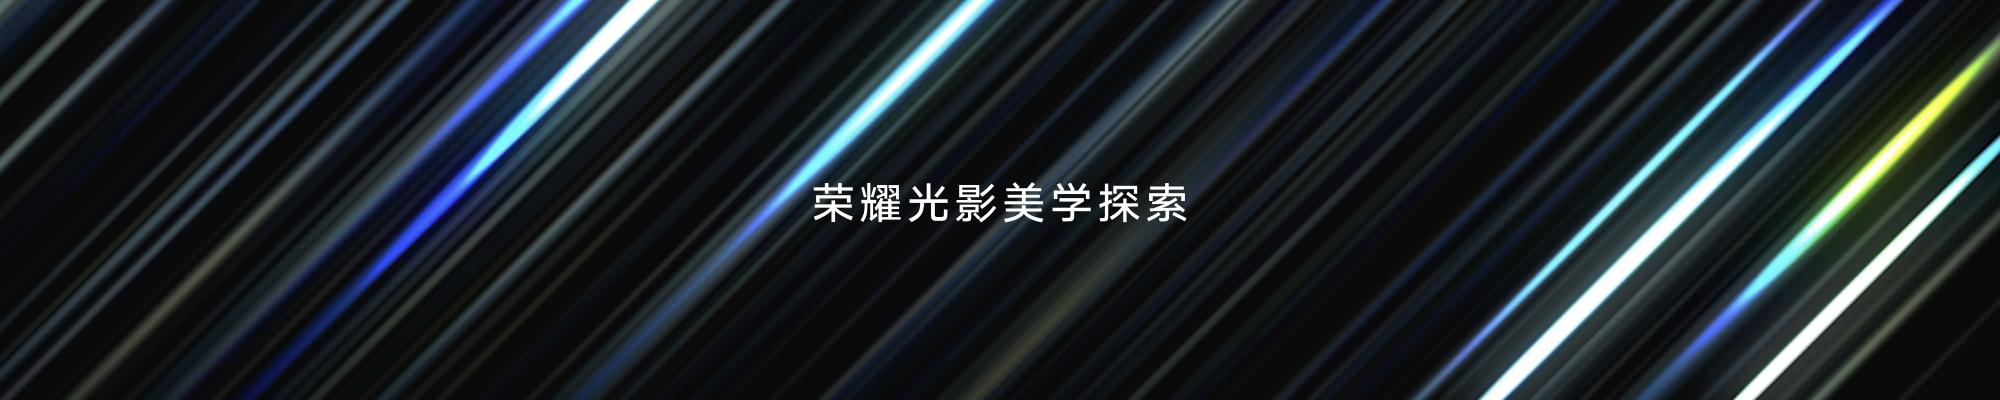 浩克胶片中文版0723-1322整合版-等价格.026.jpeg